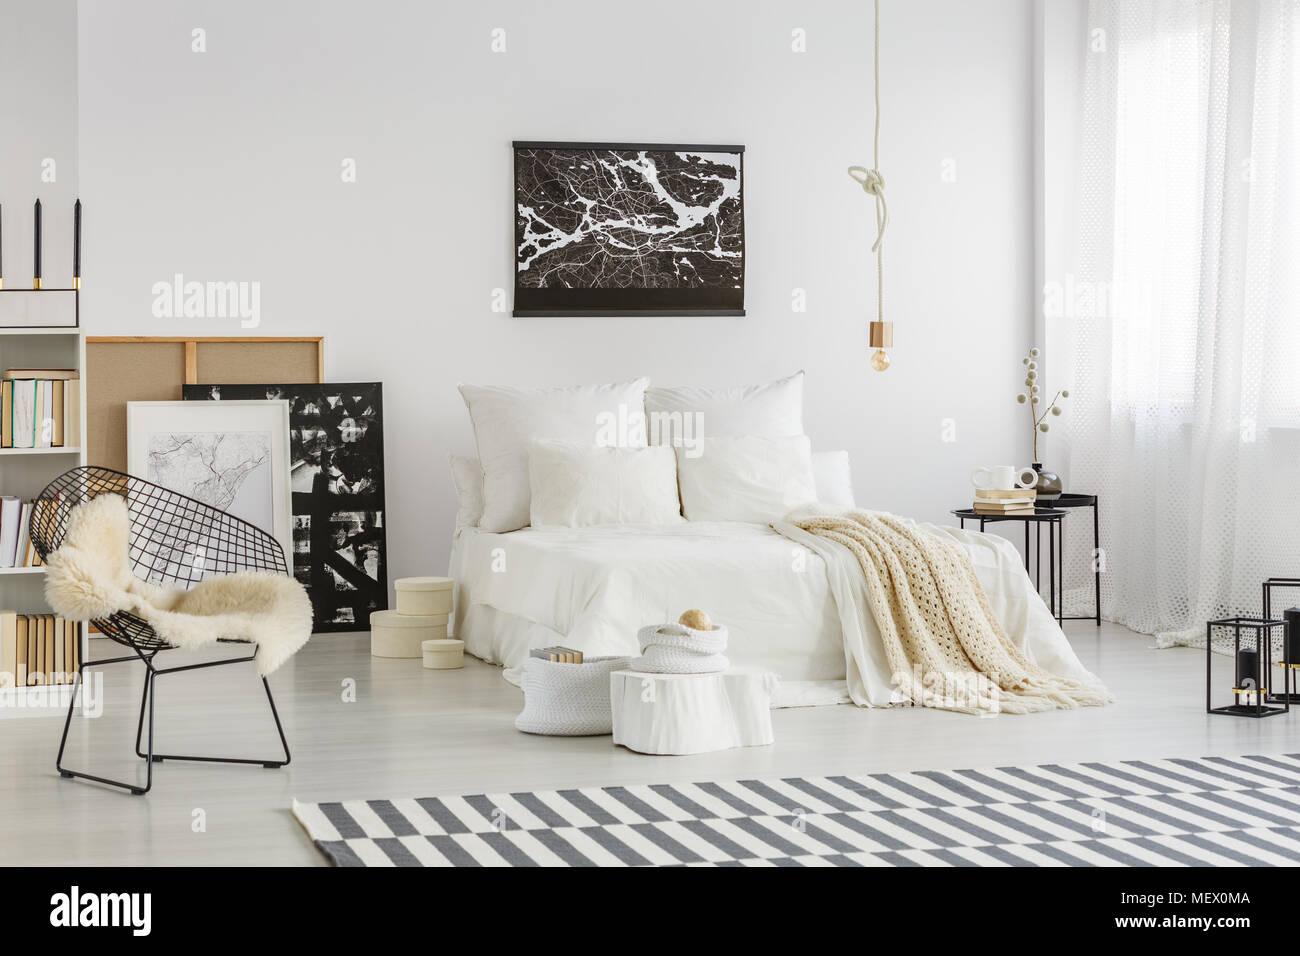 Chambre spacieuse avec intérieur beige couverture sur un lit blanc ...